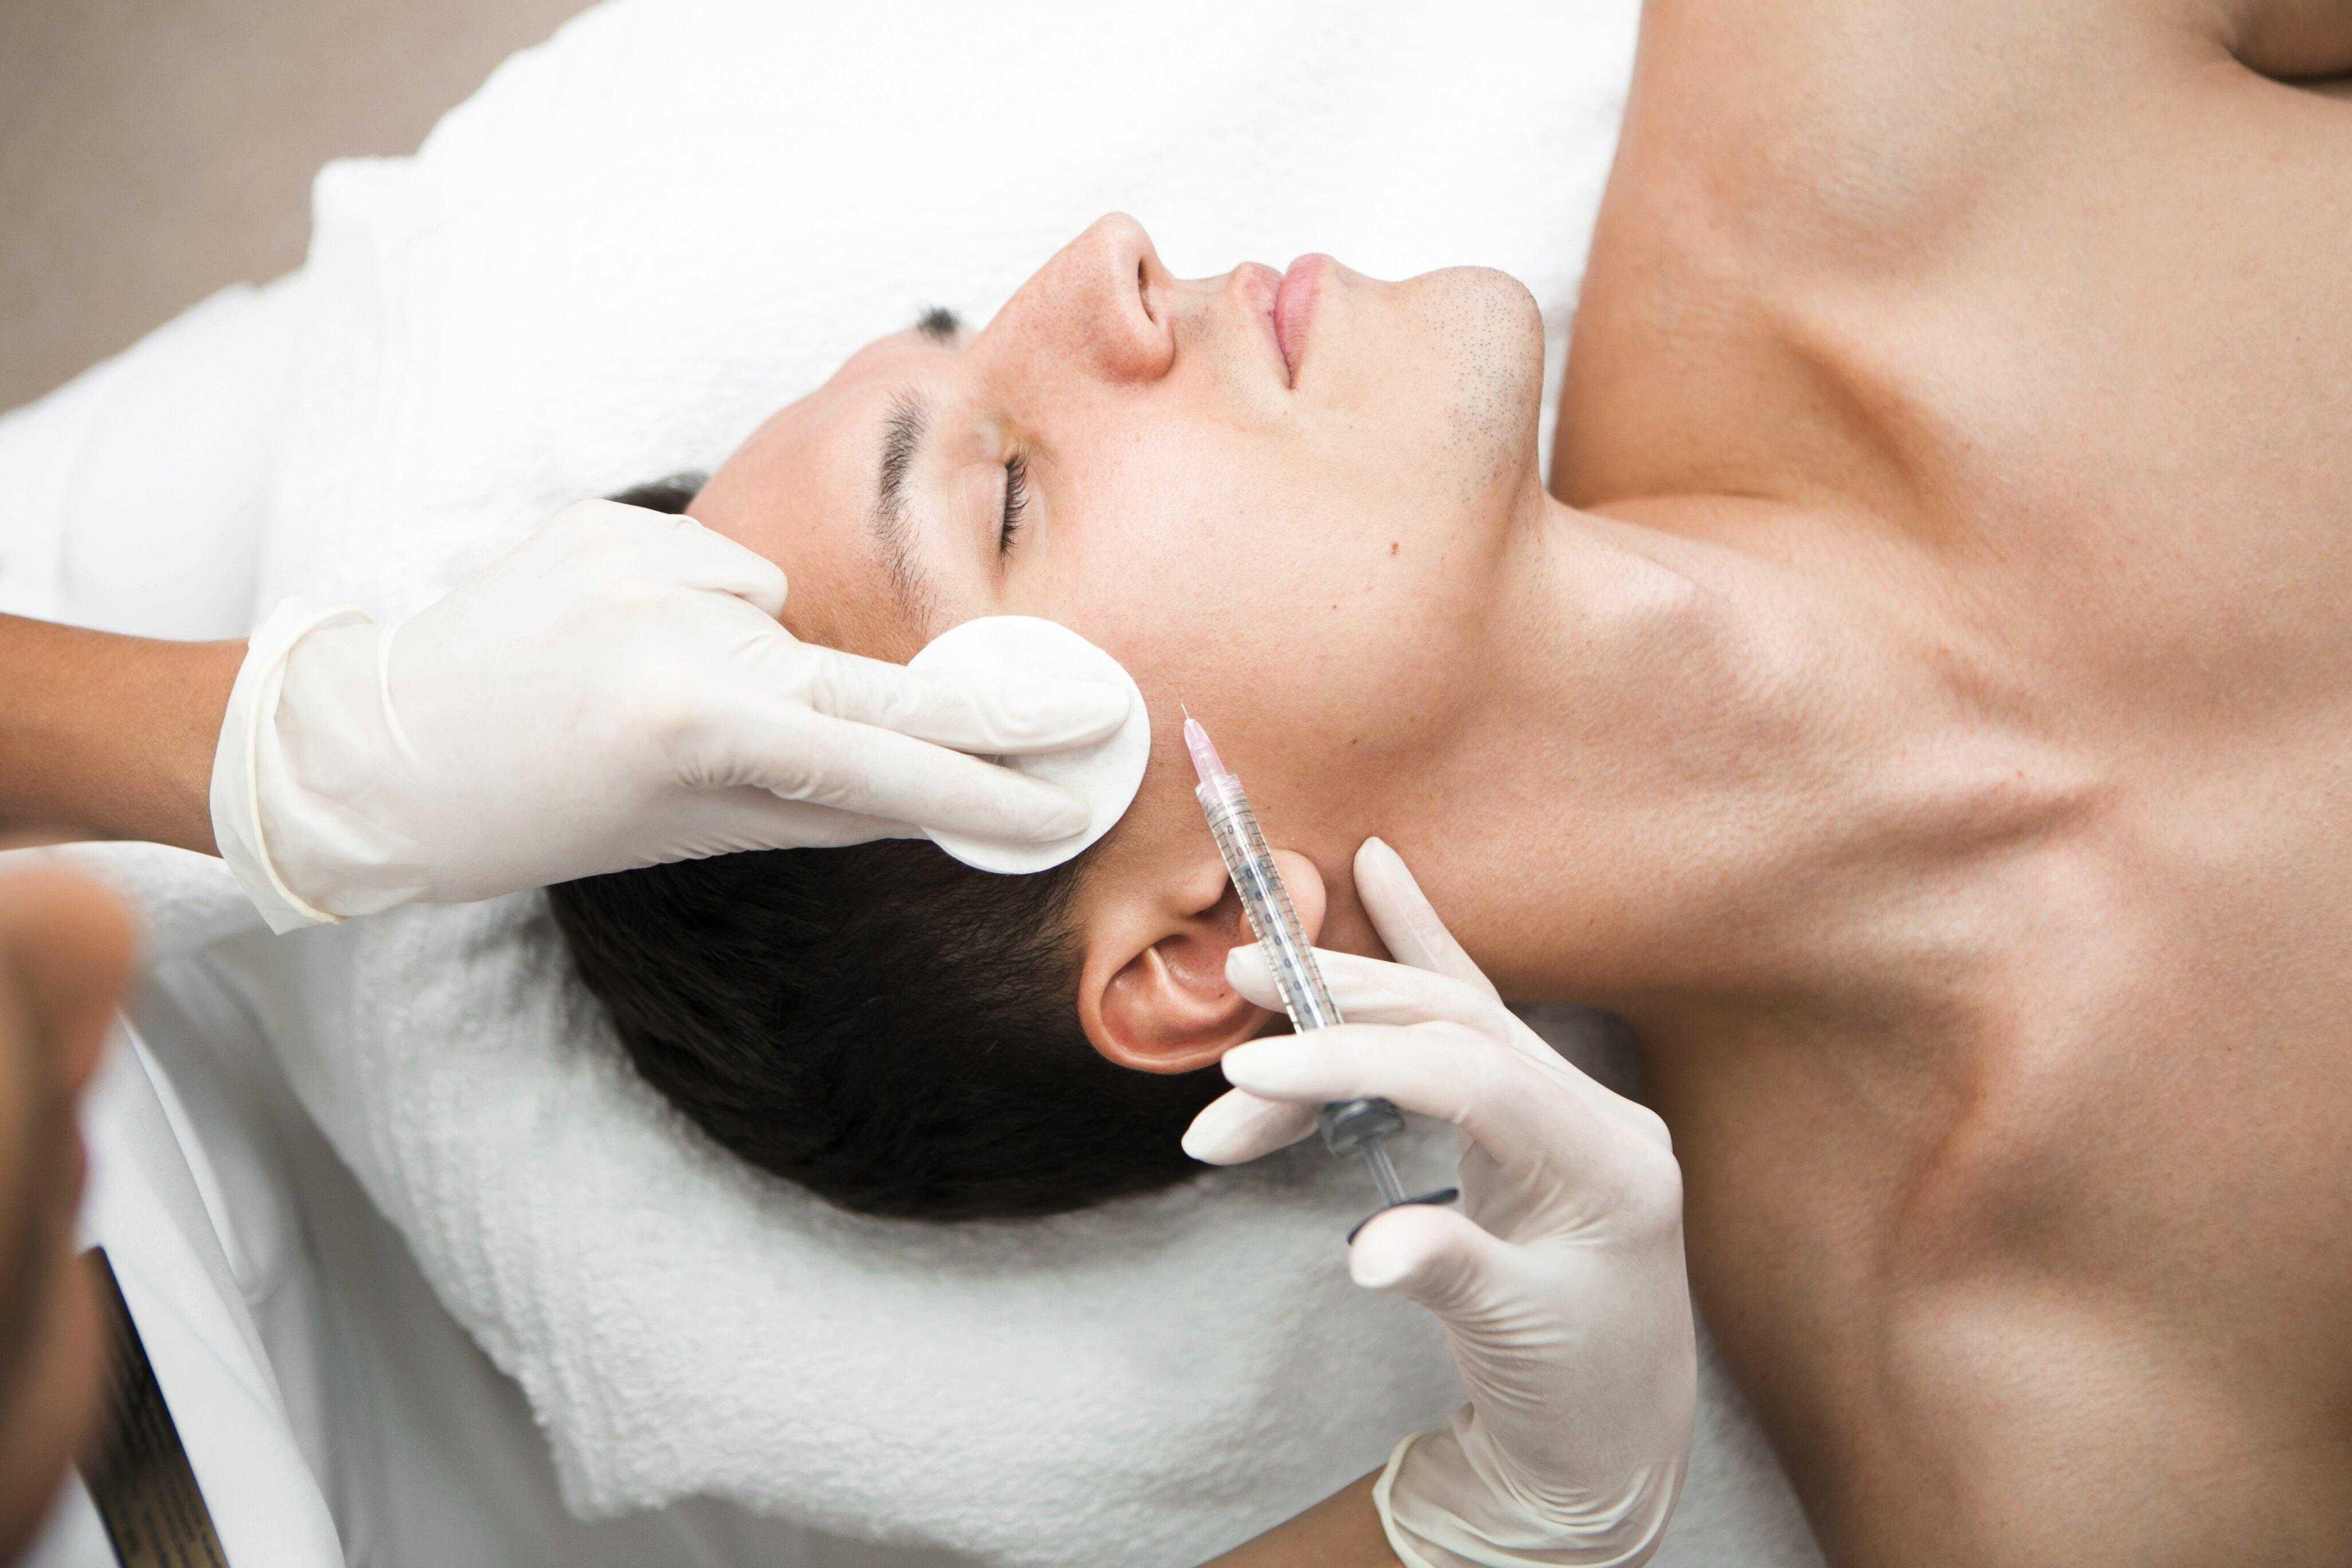 Уход за лицом после 50 лет: самые эффективные косметические процедуры, советы косметологов